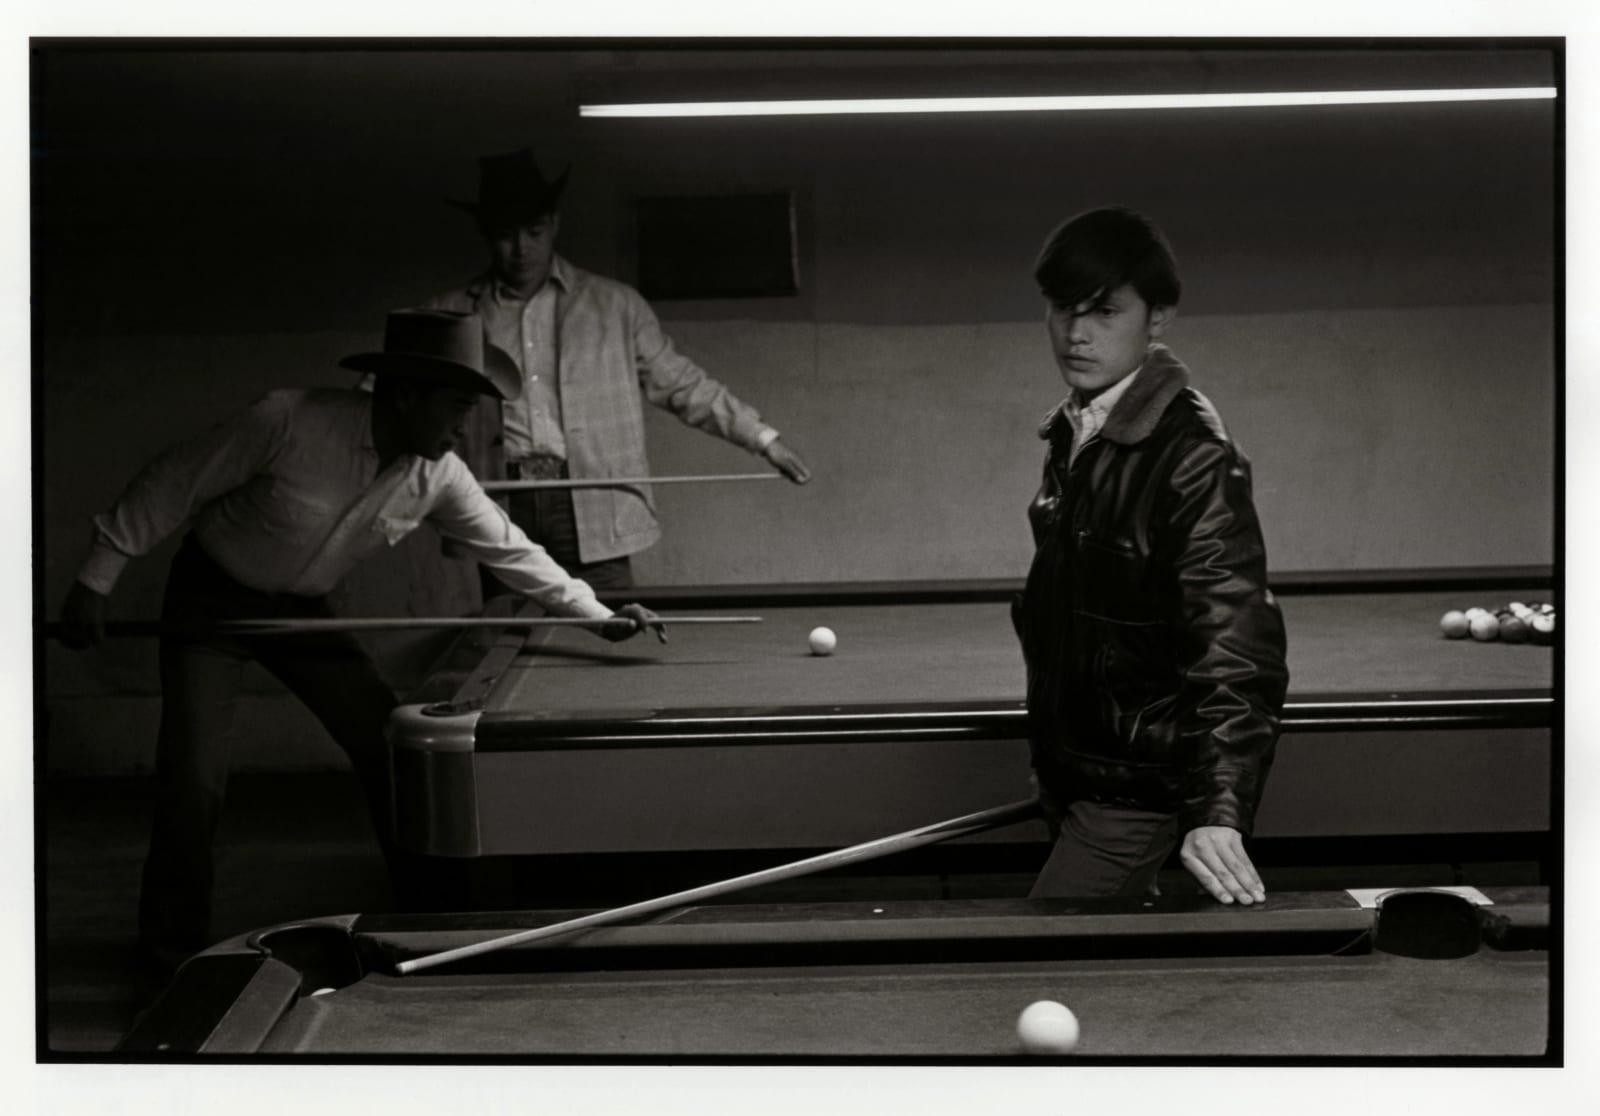 Danny Lyon - Navajo Pool Room, Gallup, New Mexico, 1973